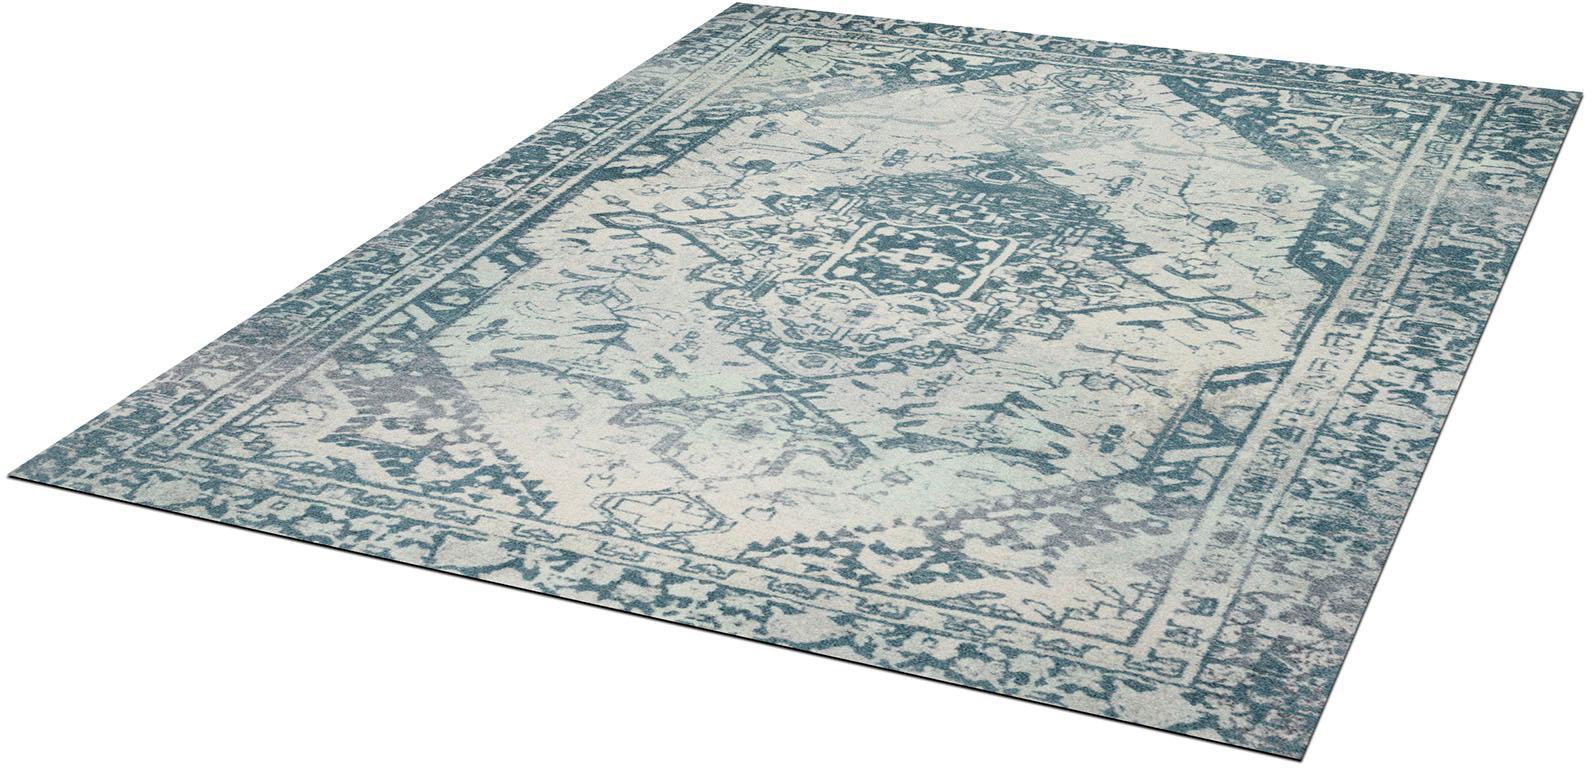 Teppich Levi wash+dry by Kleen-Tex rechteckig Höhe 9 mm gedruckt